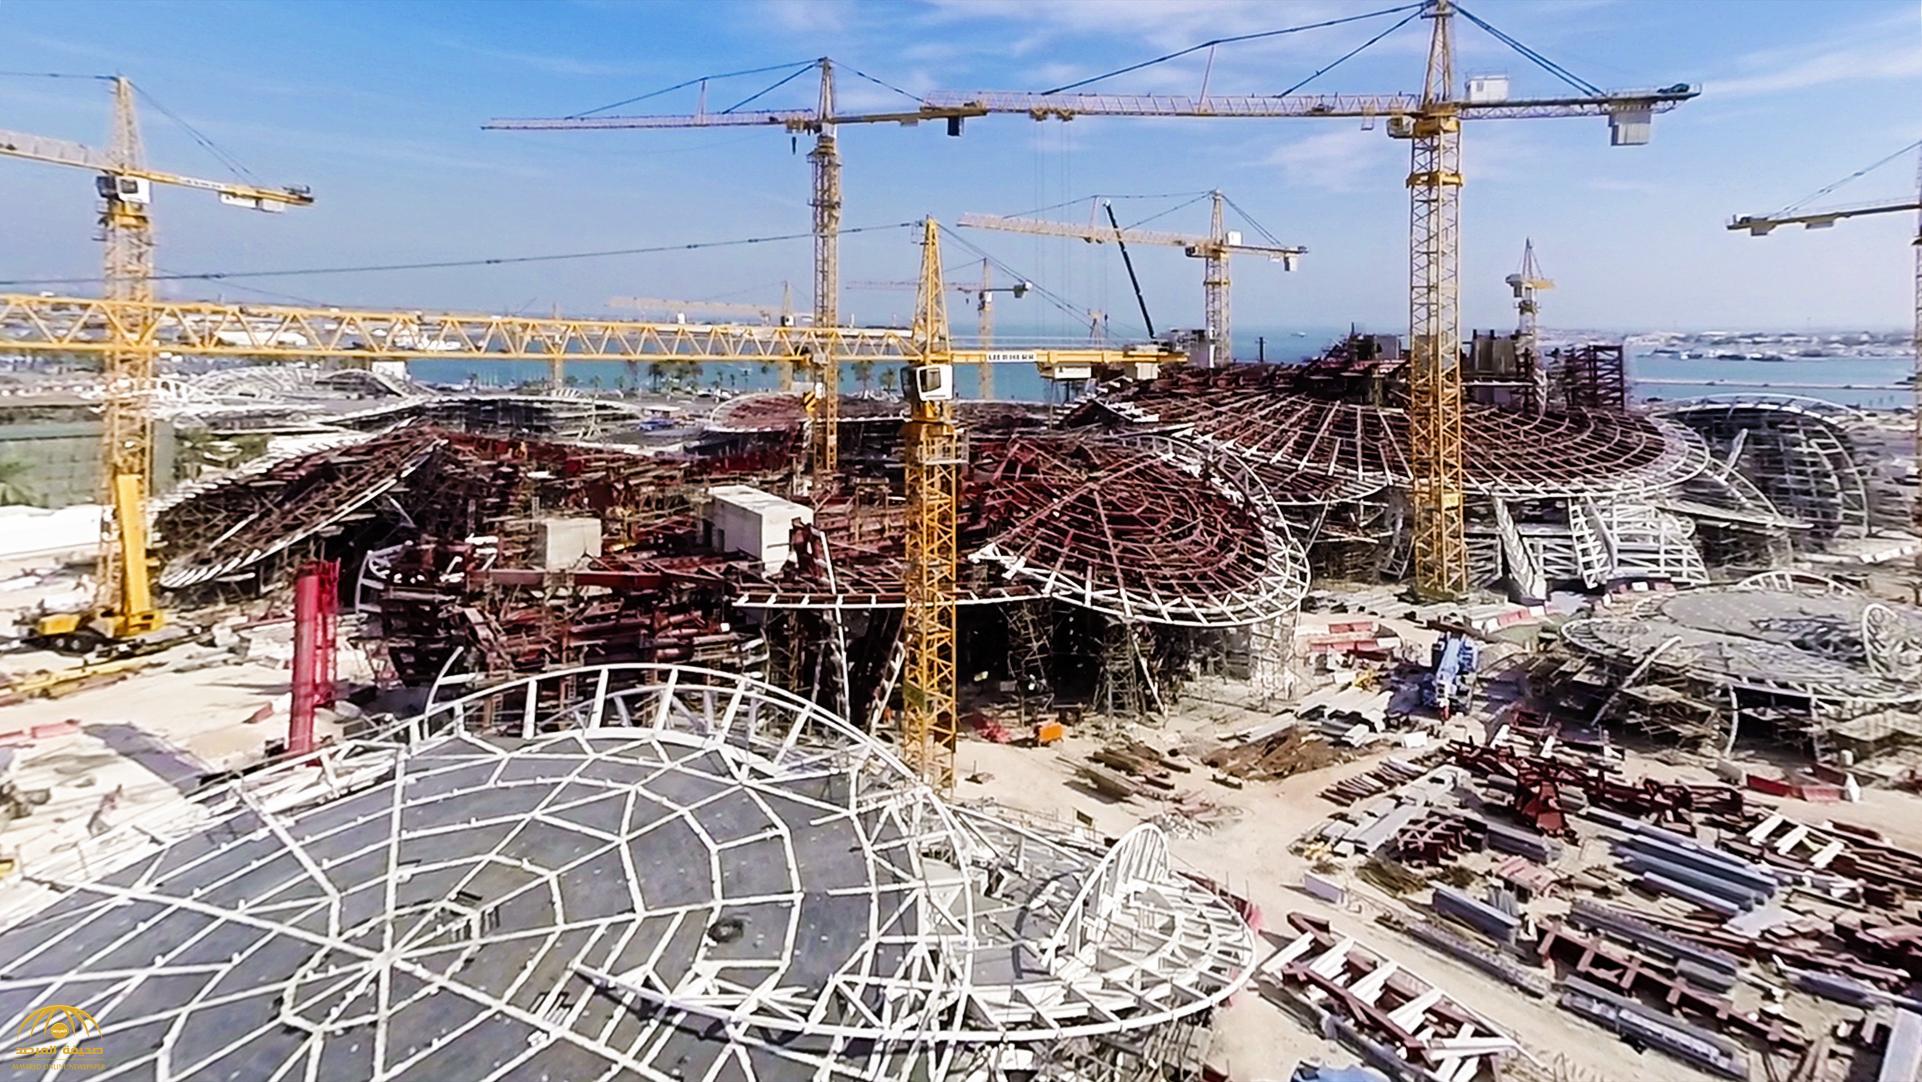 ضربة جديدة لمونديال قطر : شركات بناء المنشآت تضع خططا عاجلة لمغادرة الدوحة